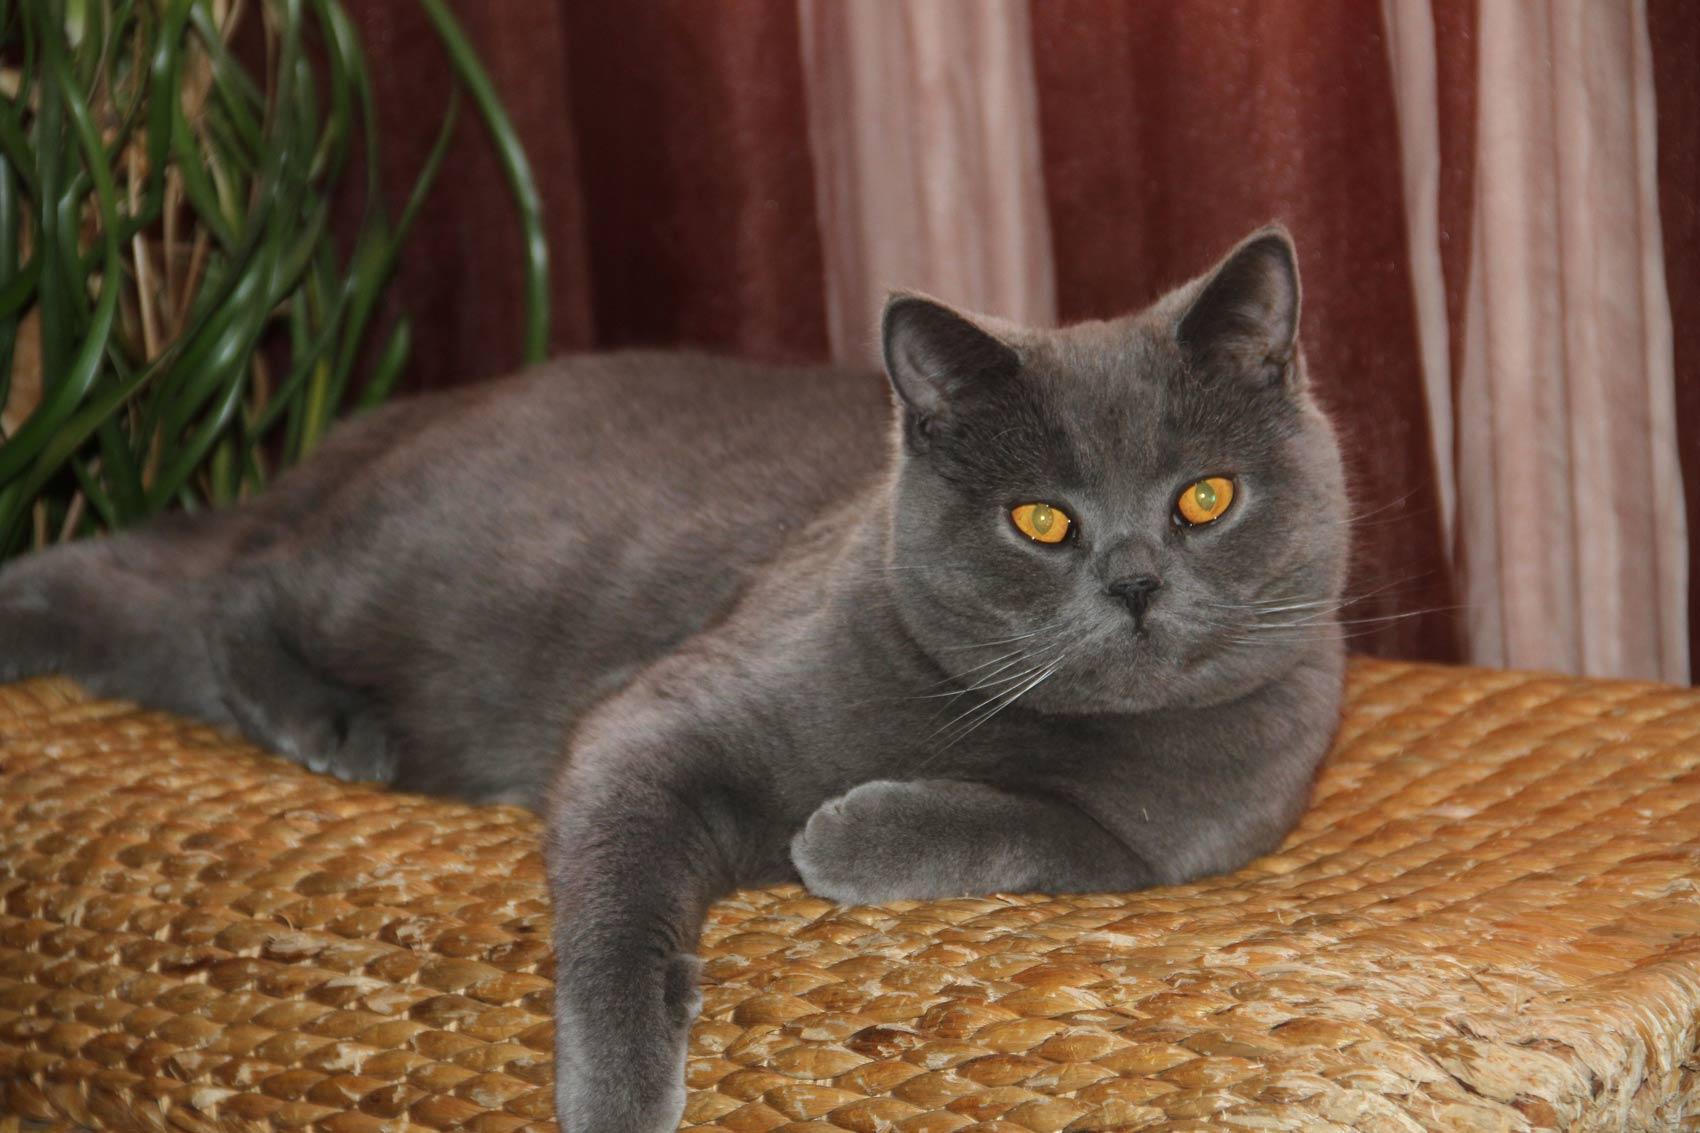 macska pénzt keres video indikátor bináris opciók vásárolni